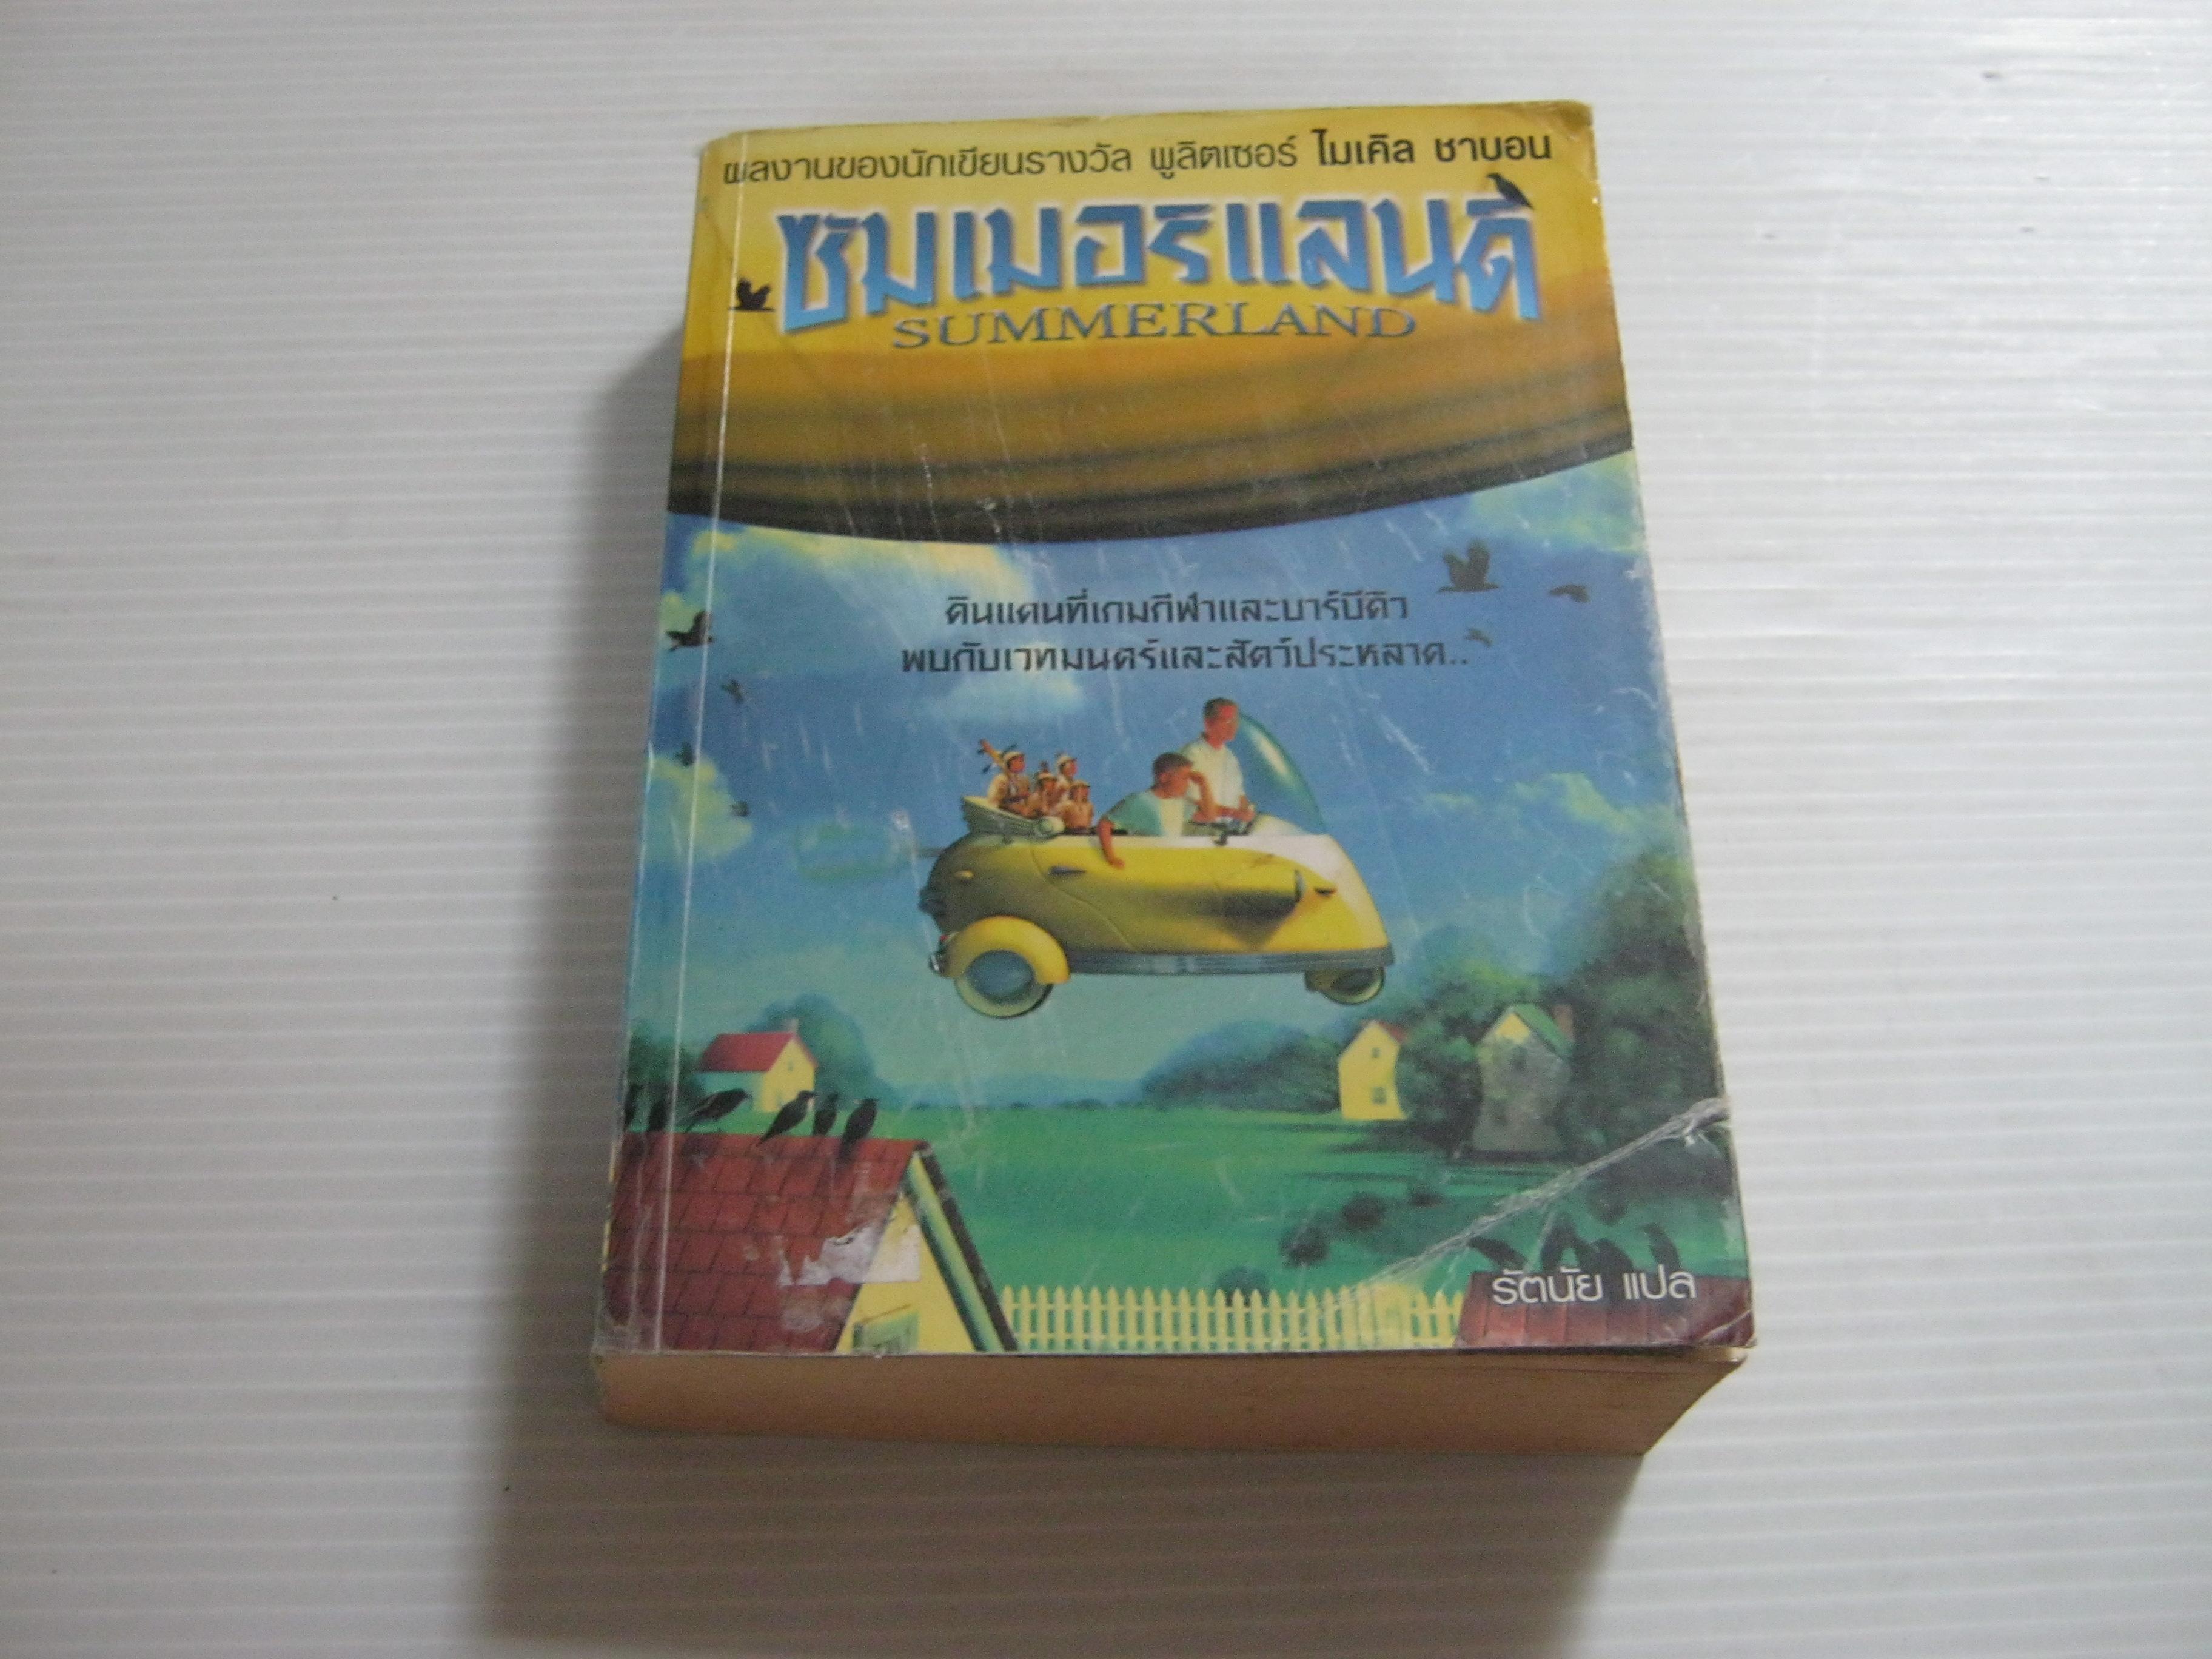 ซัมเมอร์แลนด์ (Summerland) ไมเคิล ชาบอน เขียน รัตนัย แปล